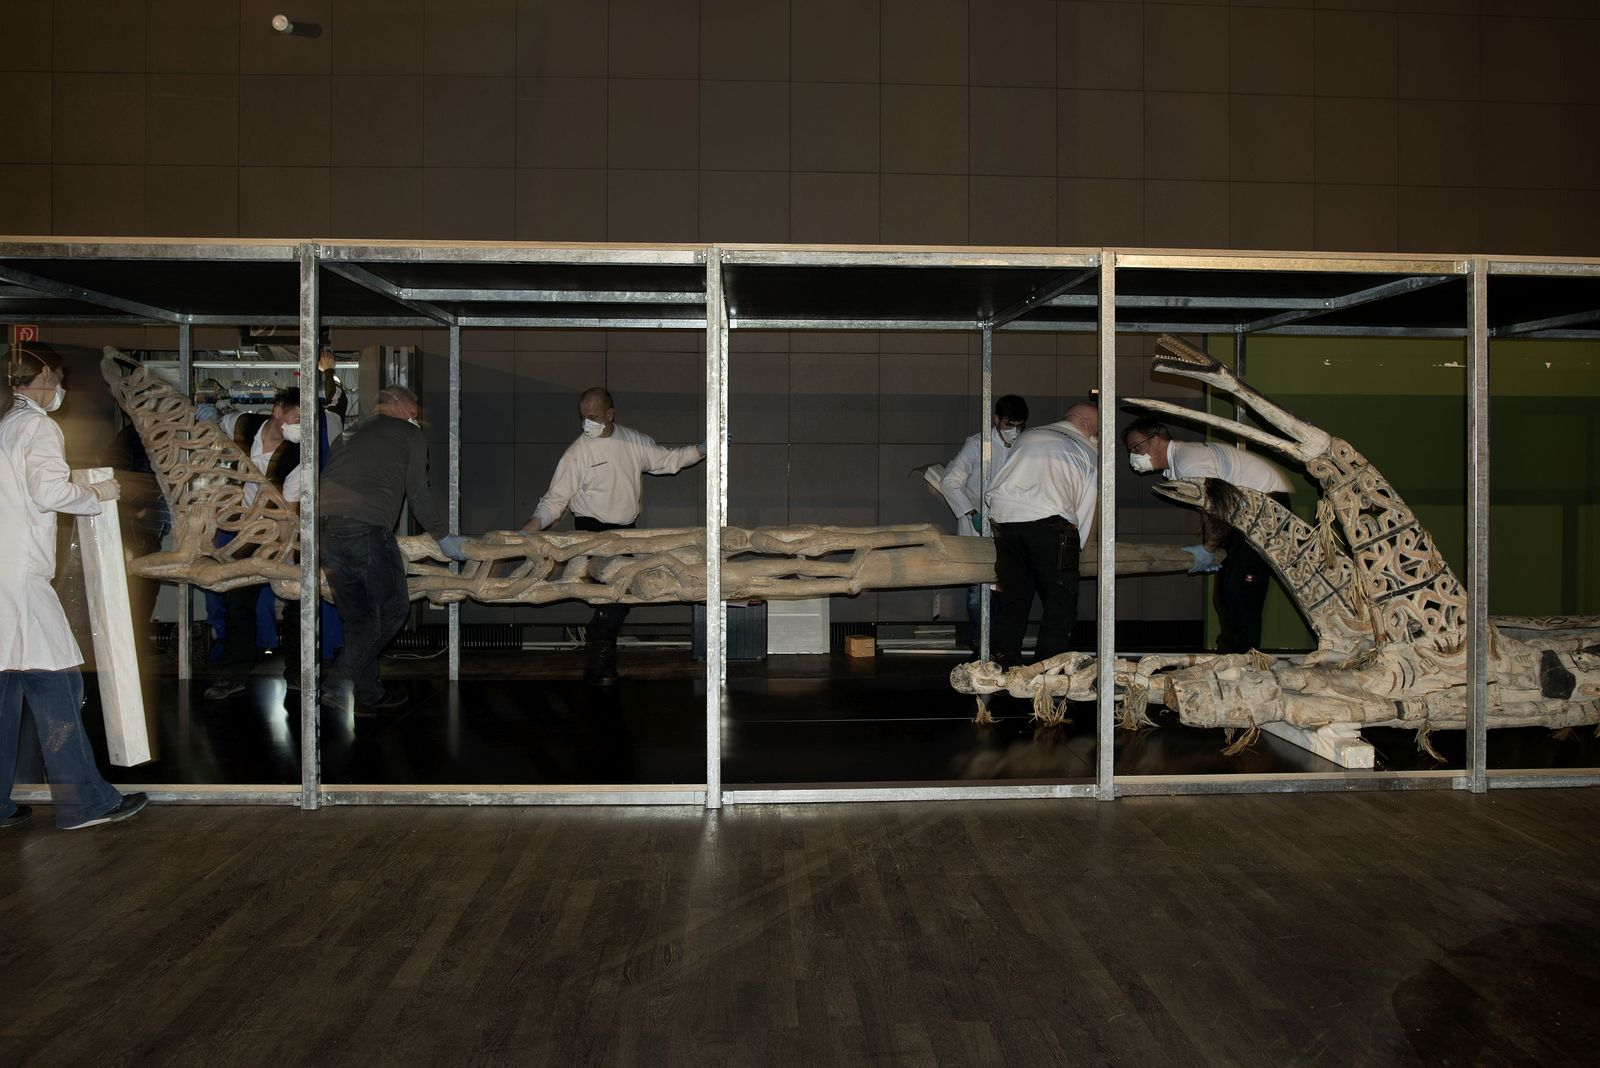 Die Ahnenpfähle aus der Südsee lagern nun vorübergehend im ehemaligen Ausstellungsraum des Ethnologischen Museums. Foto: Staatliche Museen zu Berlin, Claudia Obrocki